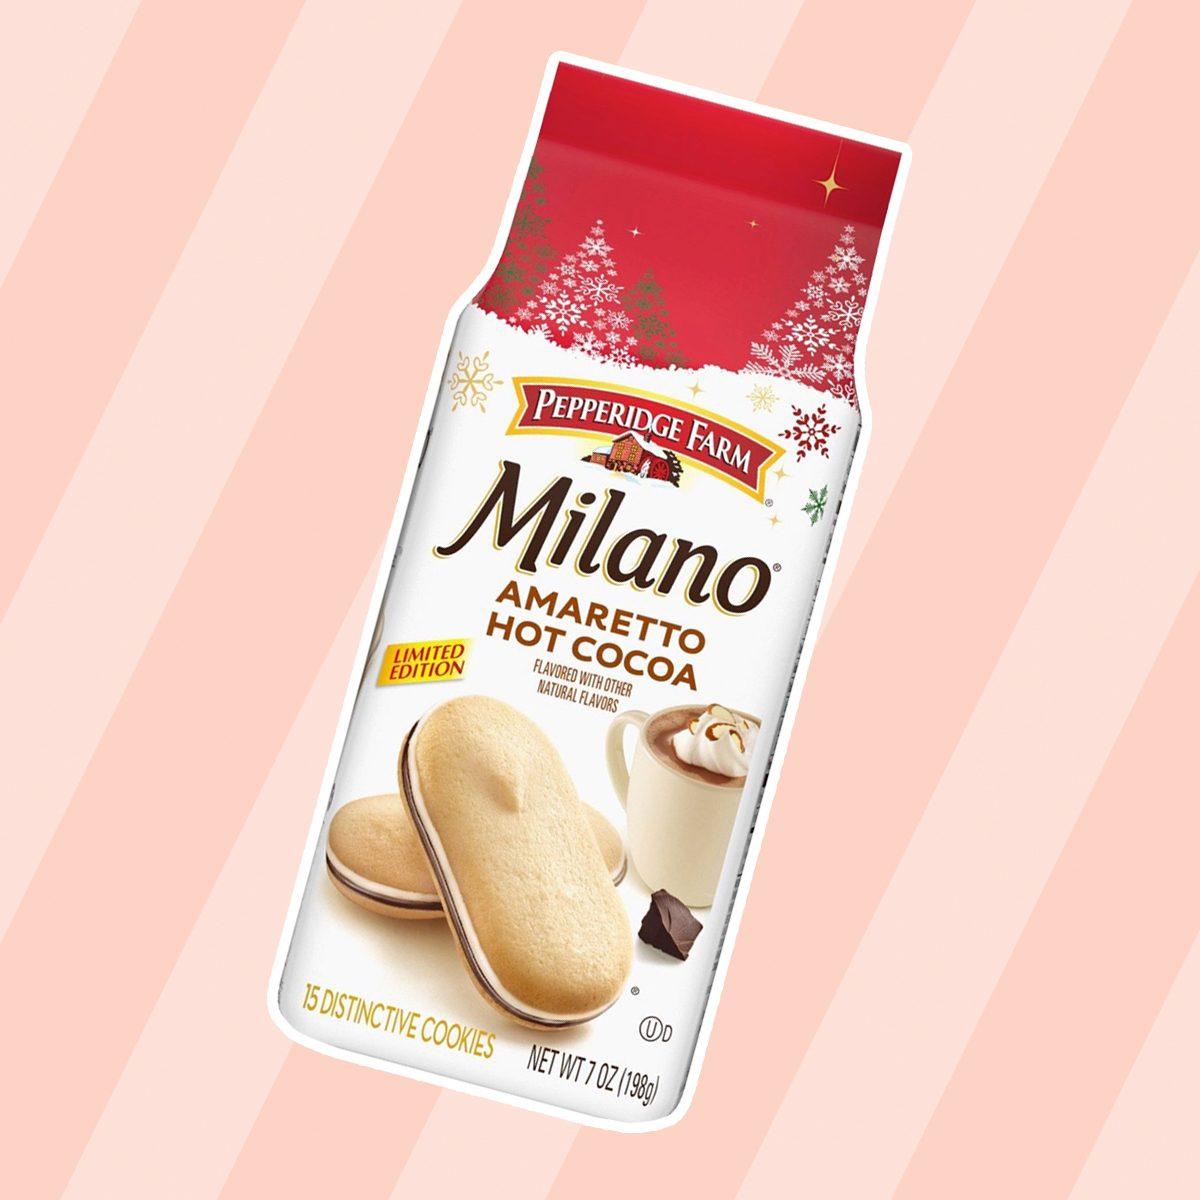 Pepperidge Farm Milano Hot Cocoa Amaretto - 7oz